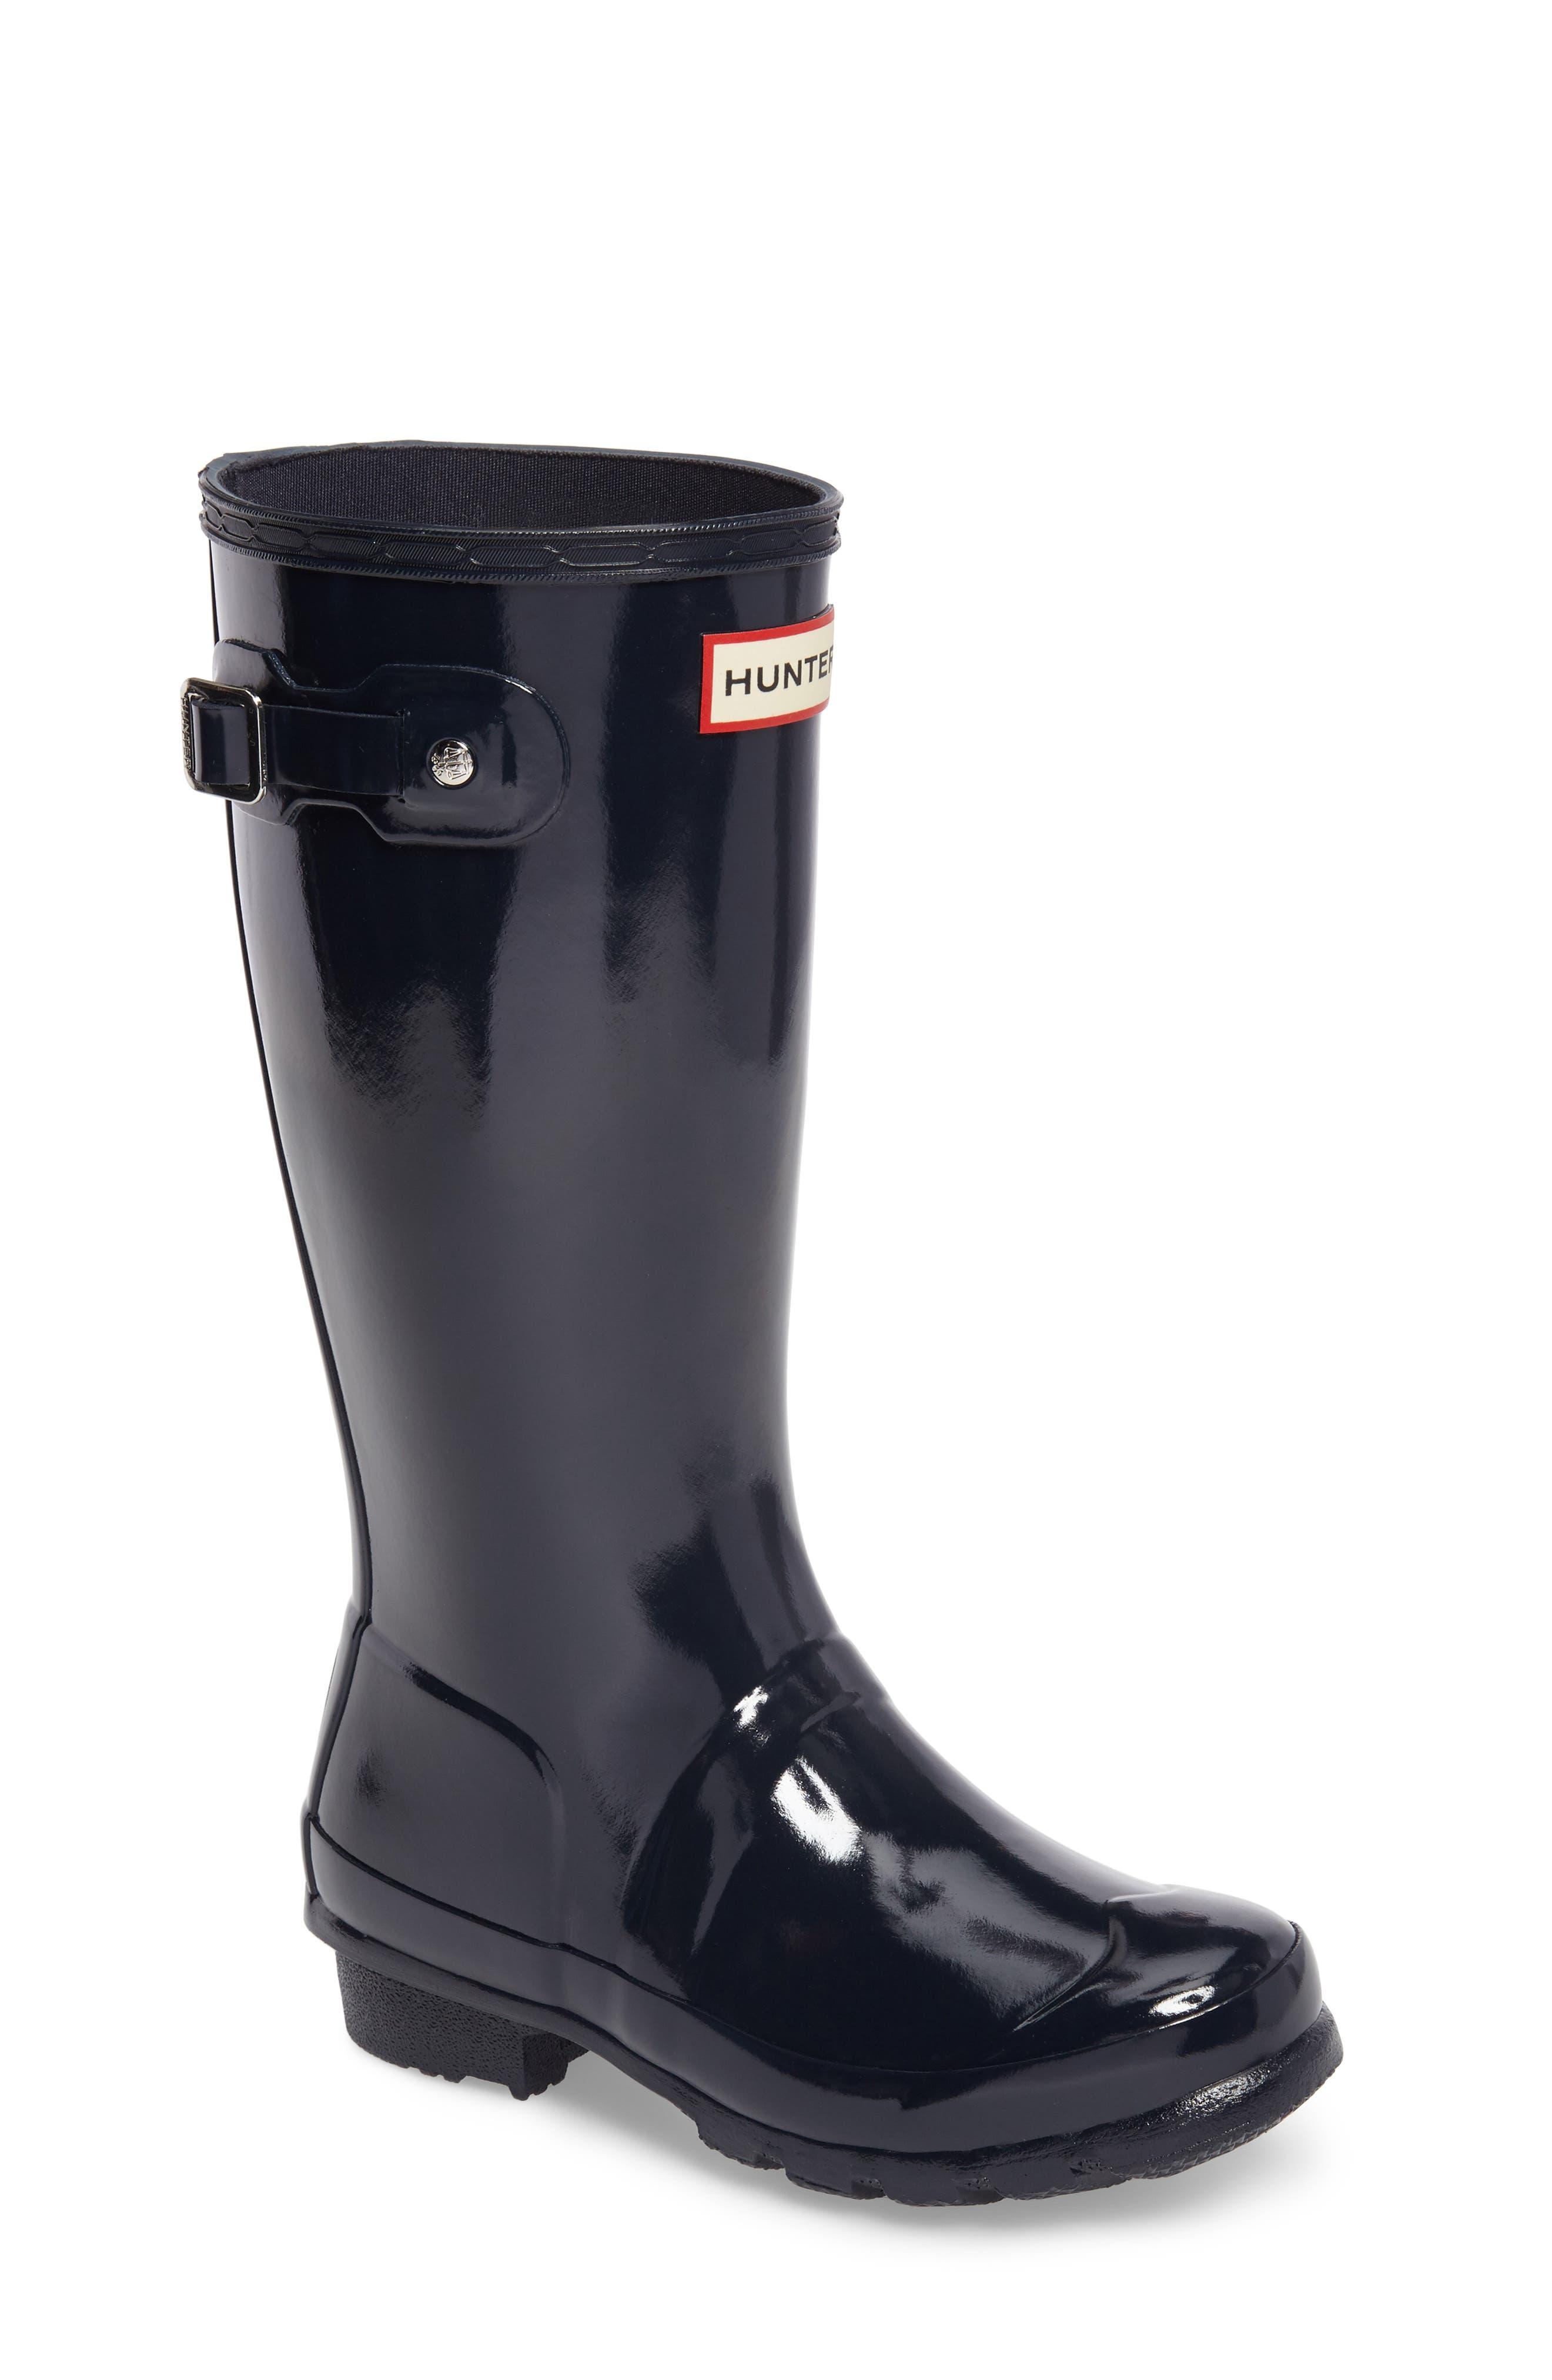 Hunter Kids Unisex Original Kids Classic Rain Boot Little Kid//Big Kid